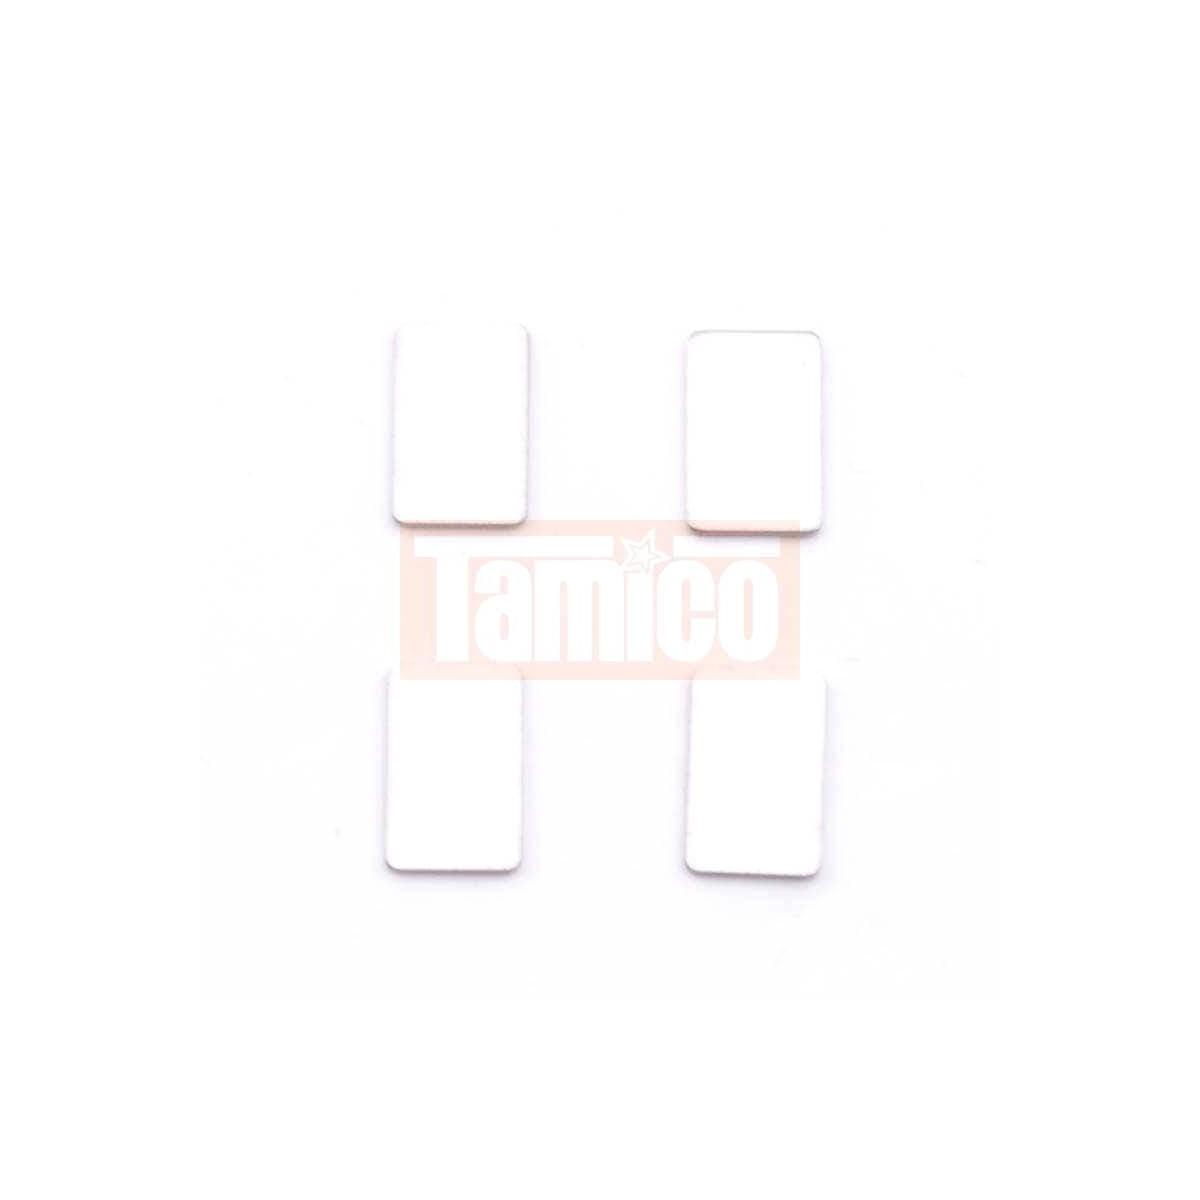 Tamiya Platten 5x8mm Ma16 4 Stk Tt 01d Tt 01r